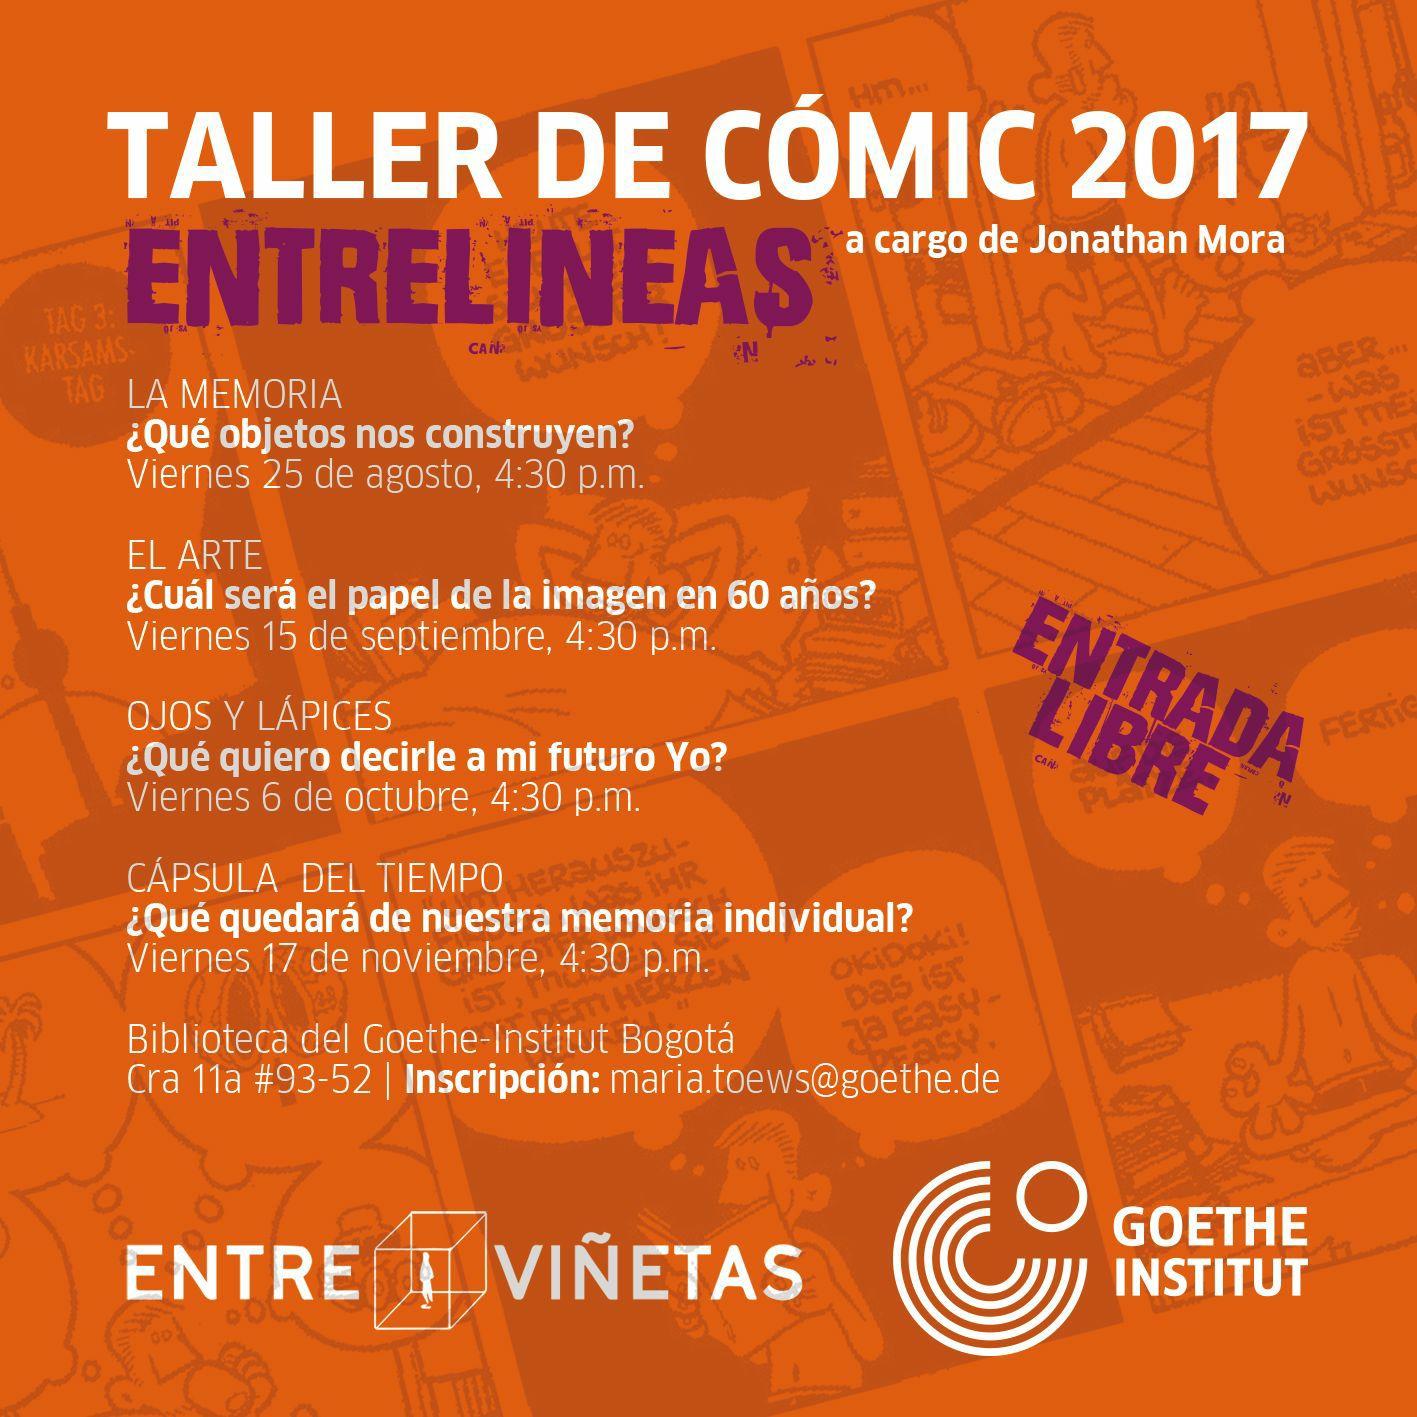 Taller de Cómic 2017 Entrelíneas